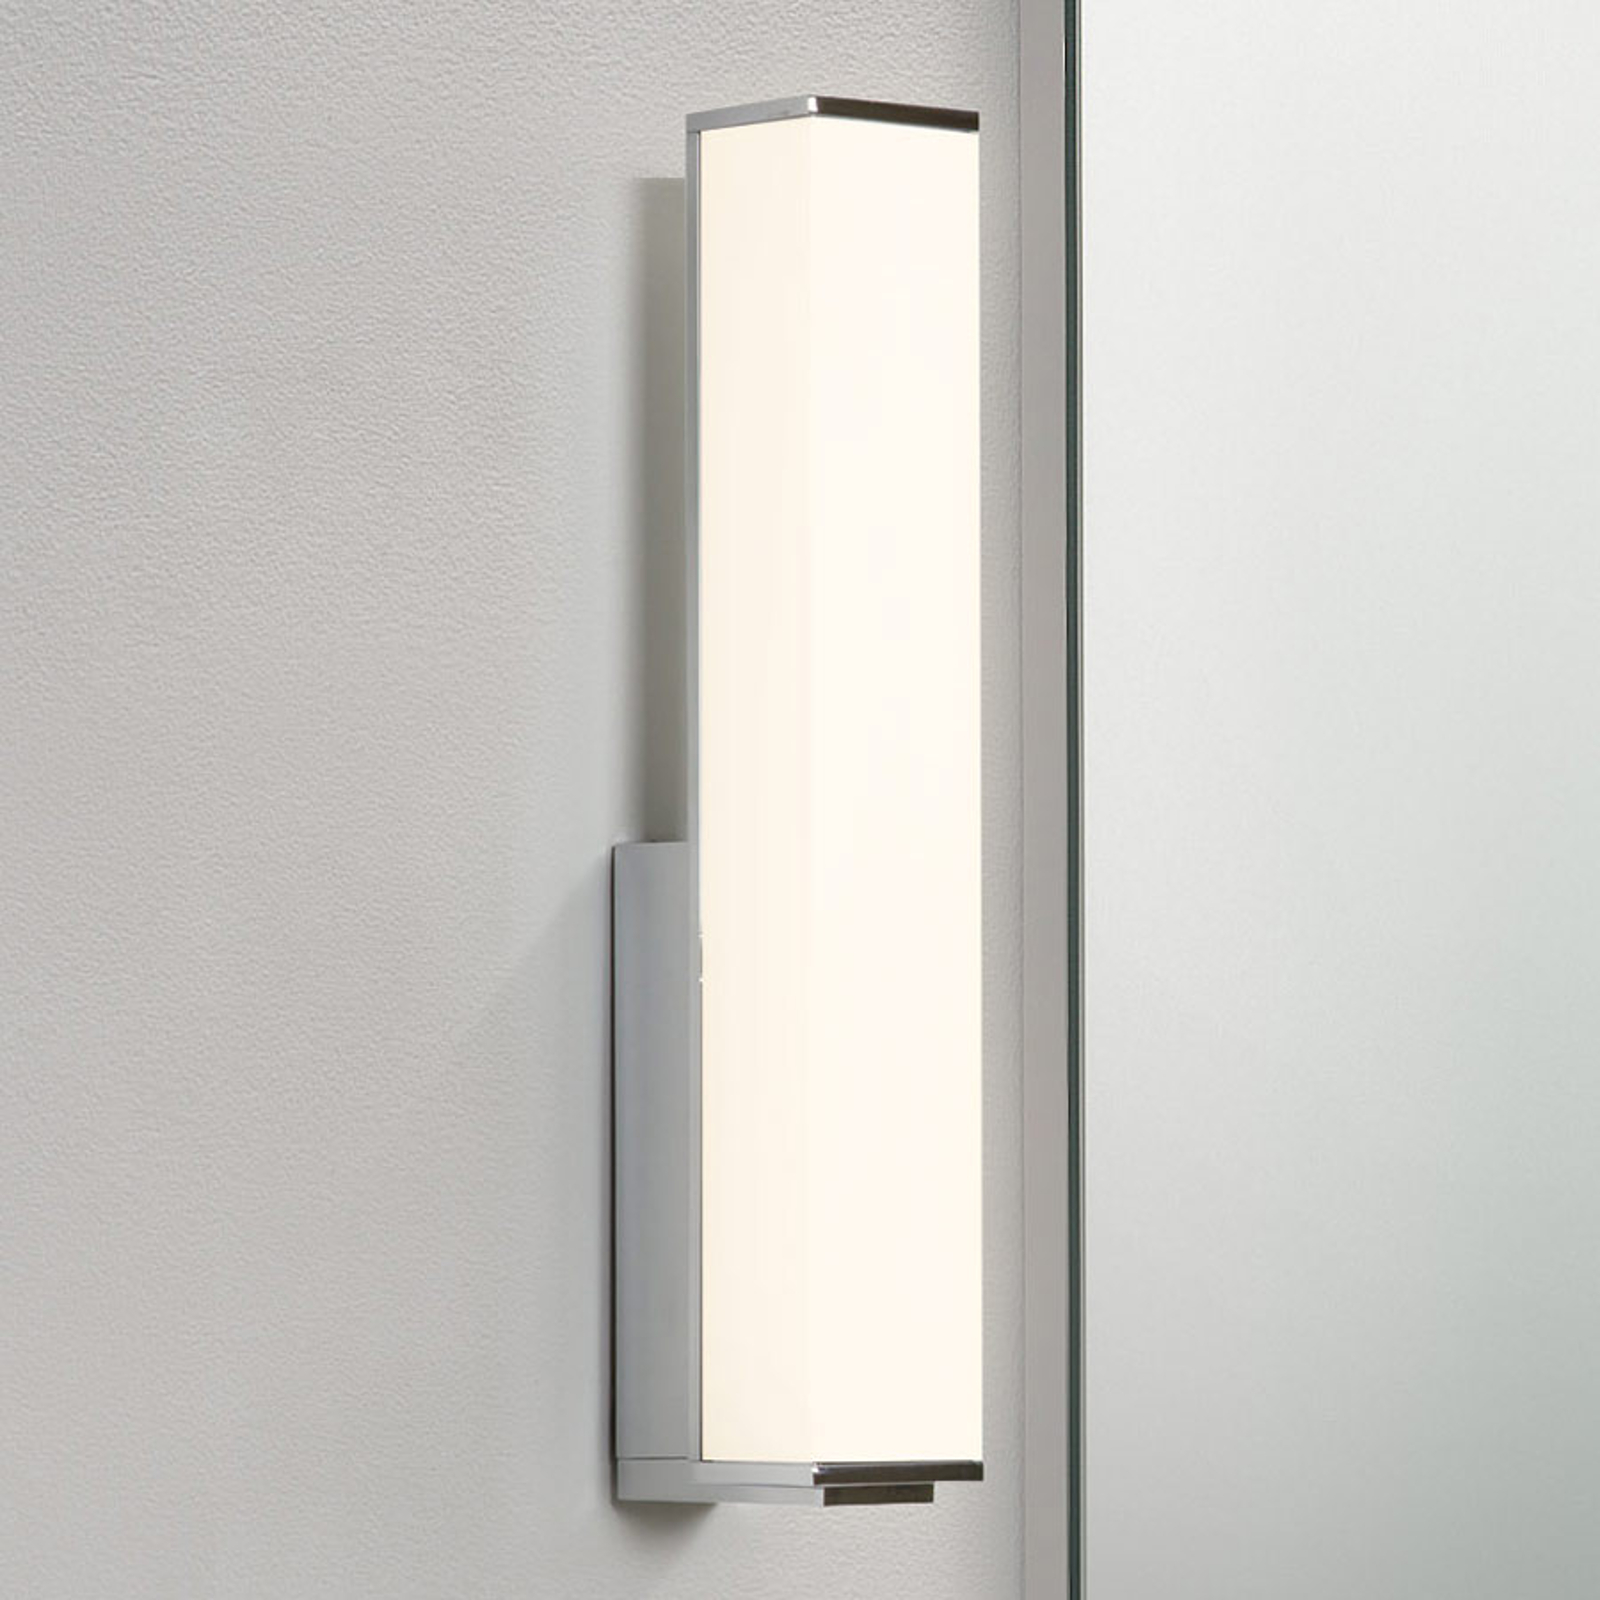 LED spejllampe Karla til badeværelset